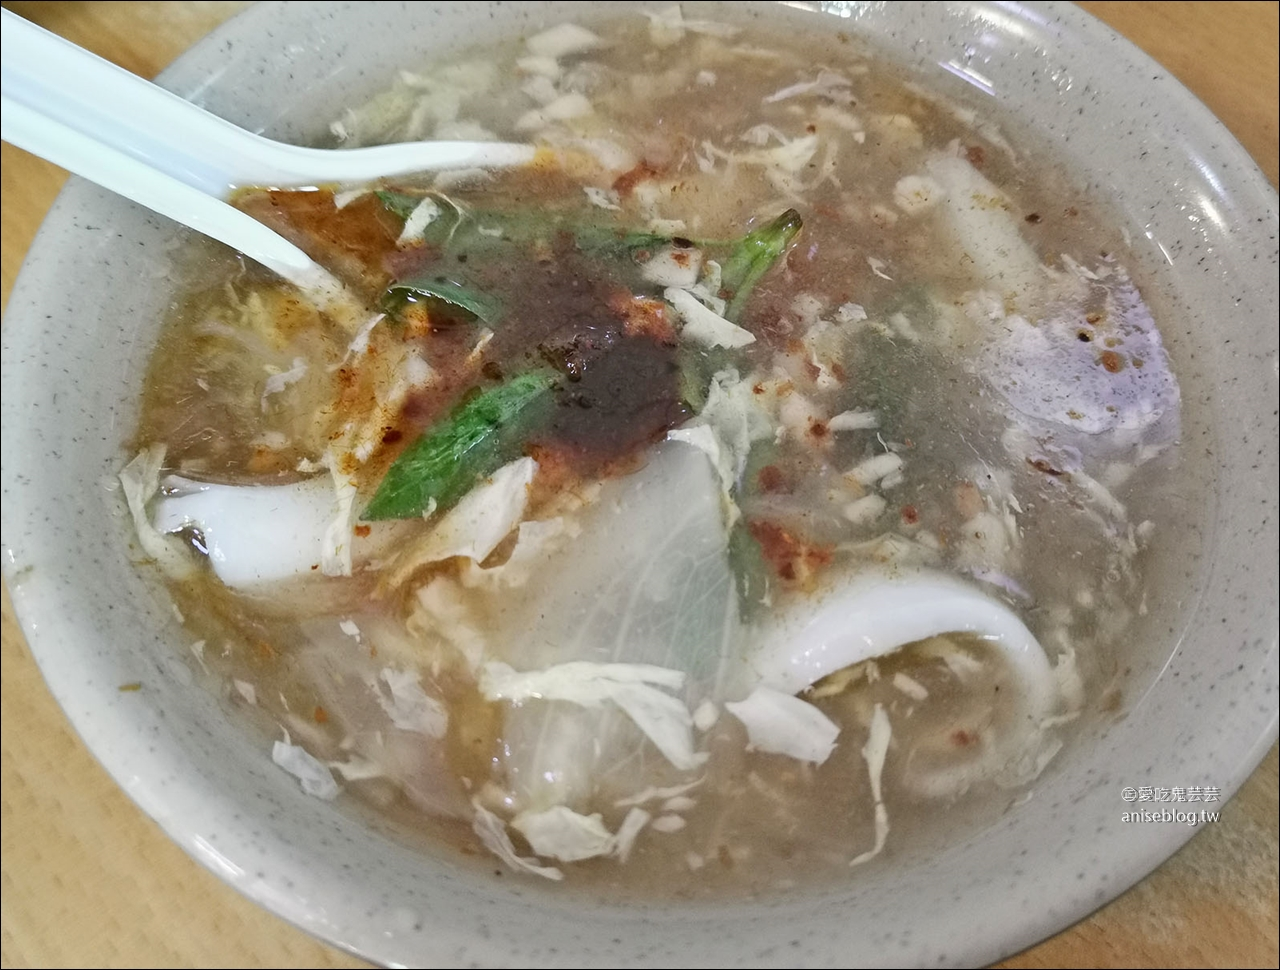 天天利美食坊,姐姐說是台北三大滷肉飯之一,我卻覺得蚵仔煎更好吃!辣椒必加!